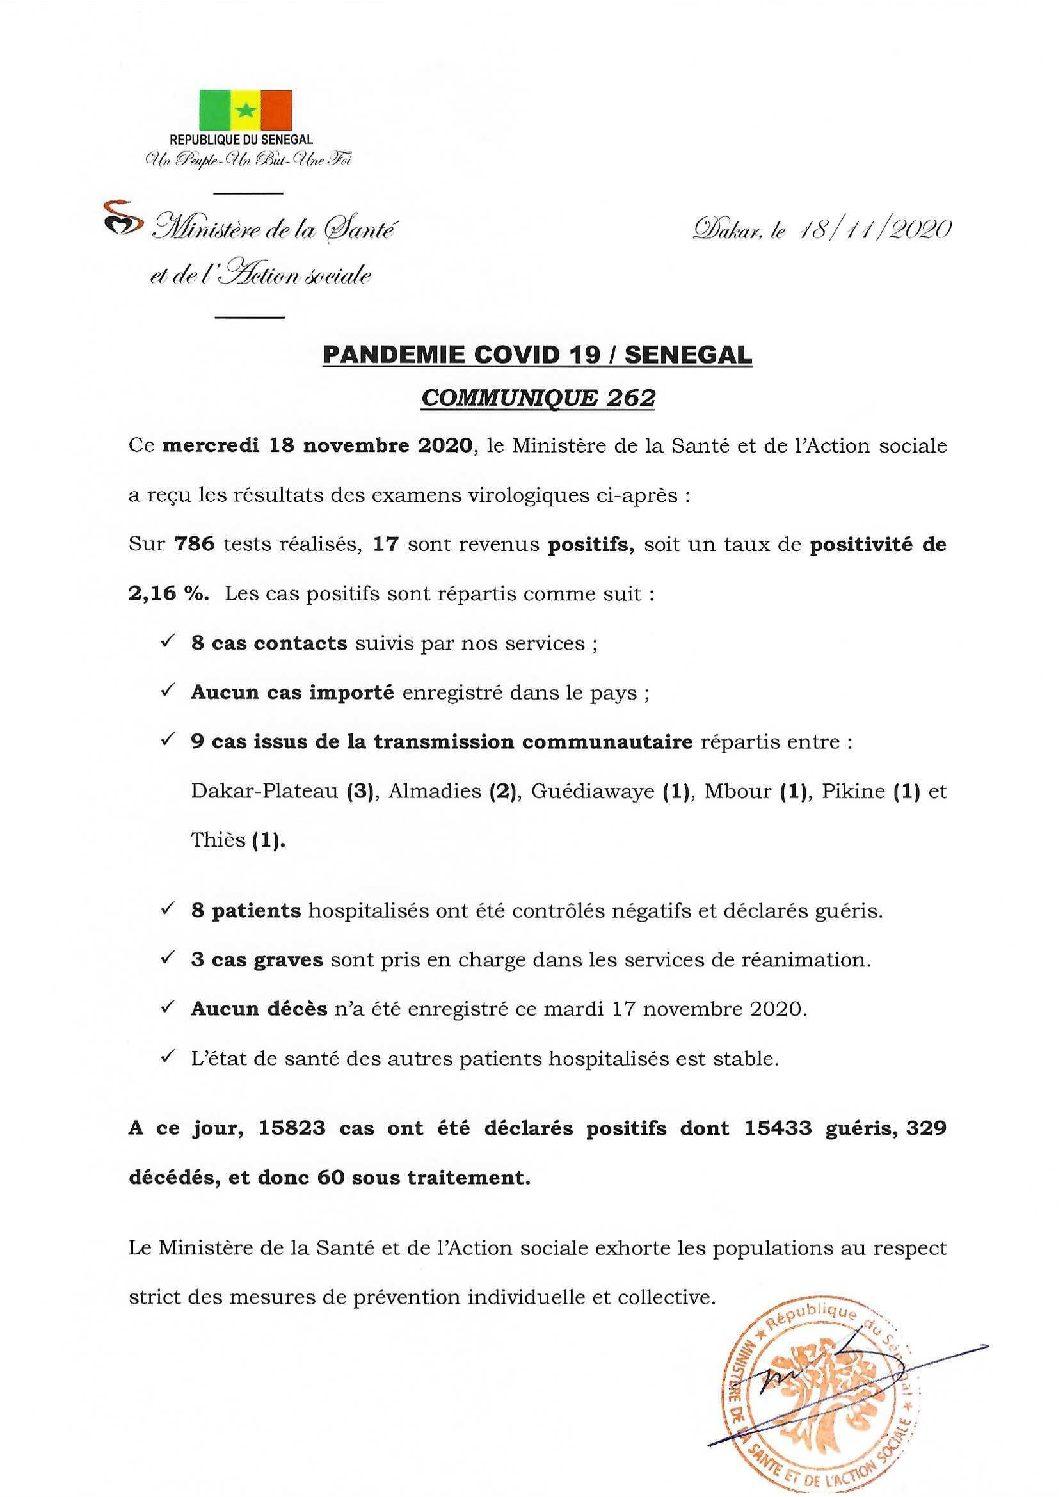 COMMUNIQUE 262 DU 18 NOVEMBRE 2020 (1)